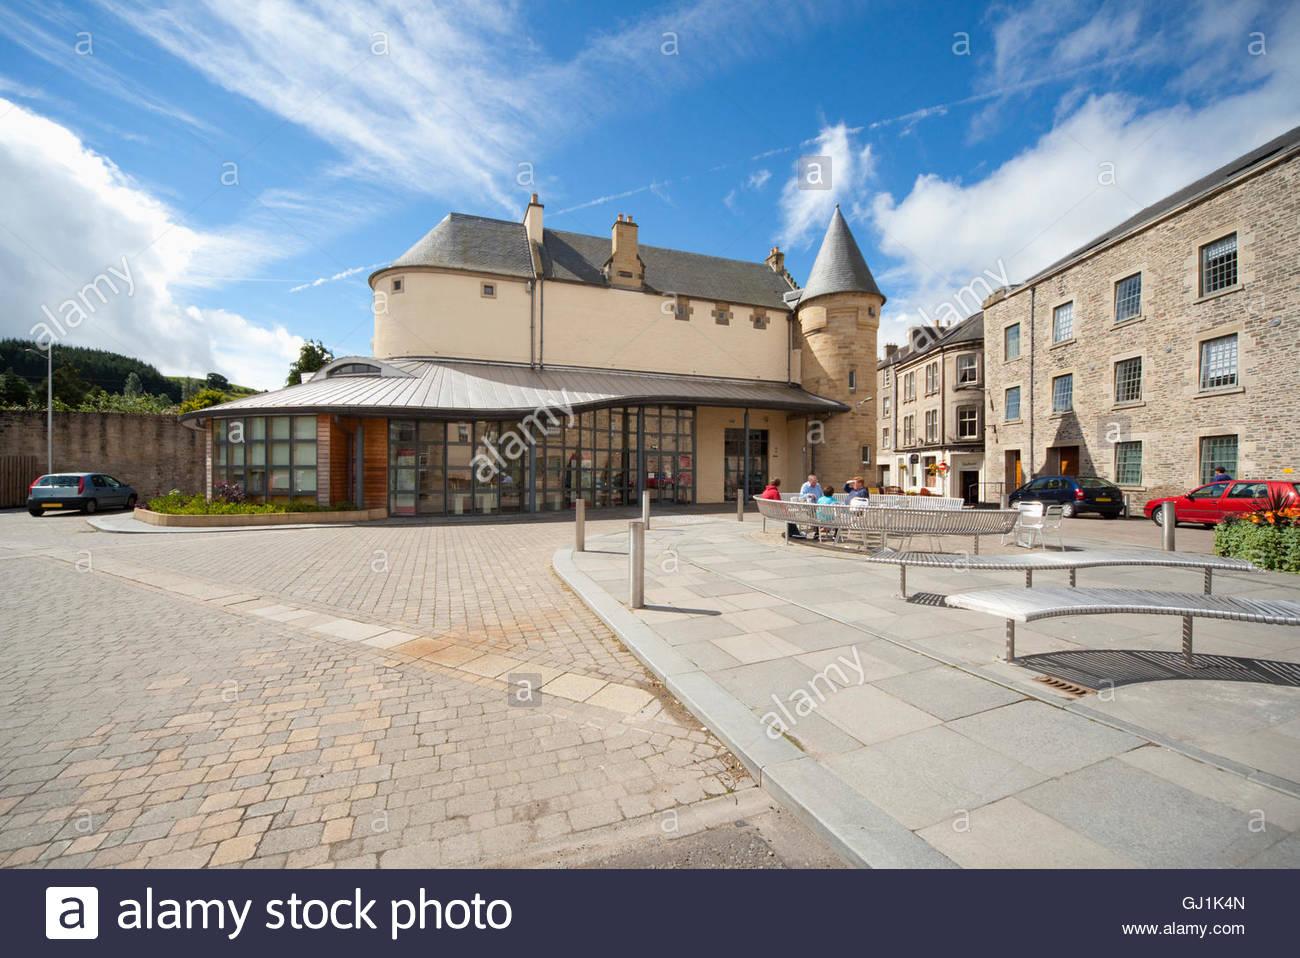 Die Erbe-Hub, der schottischen grenzt Archiv und Heimatmuseum Zentrum, Hawick, Scottish Borders, Schottland. Stockbild